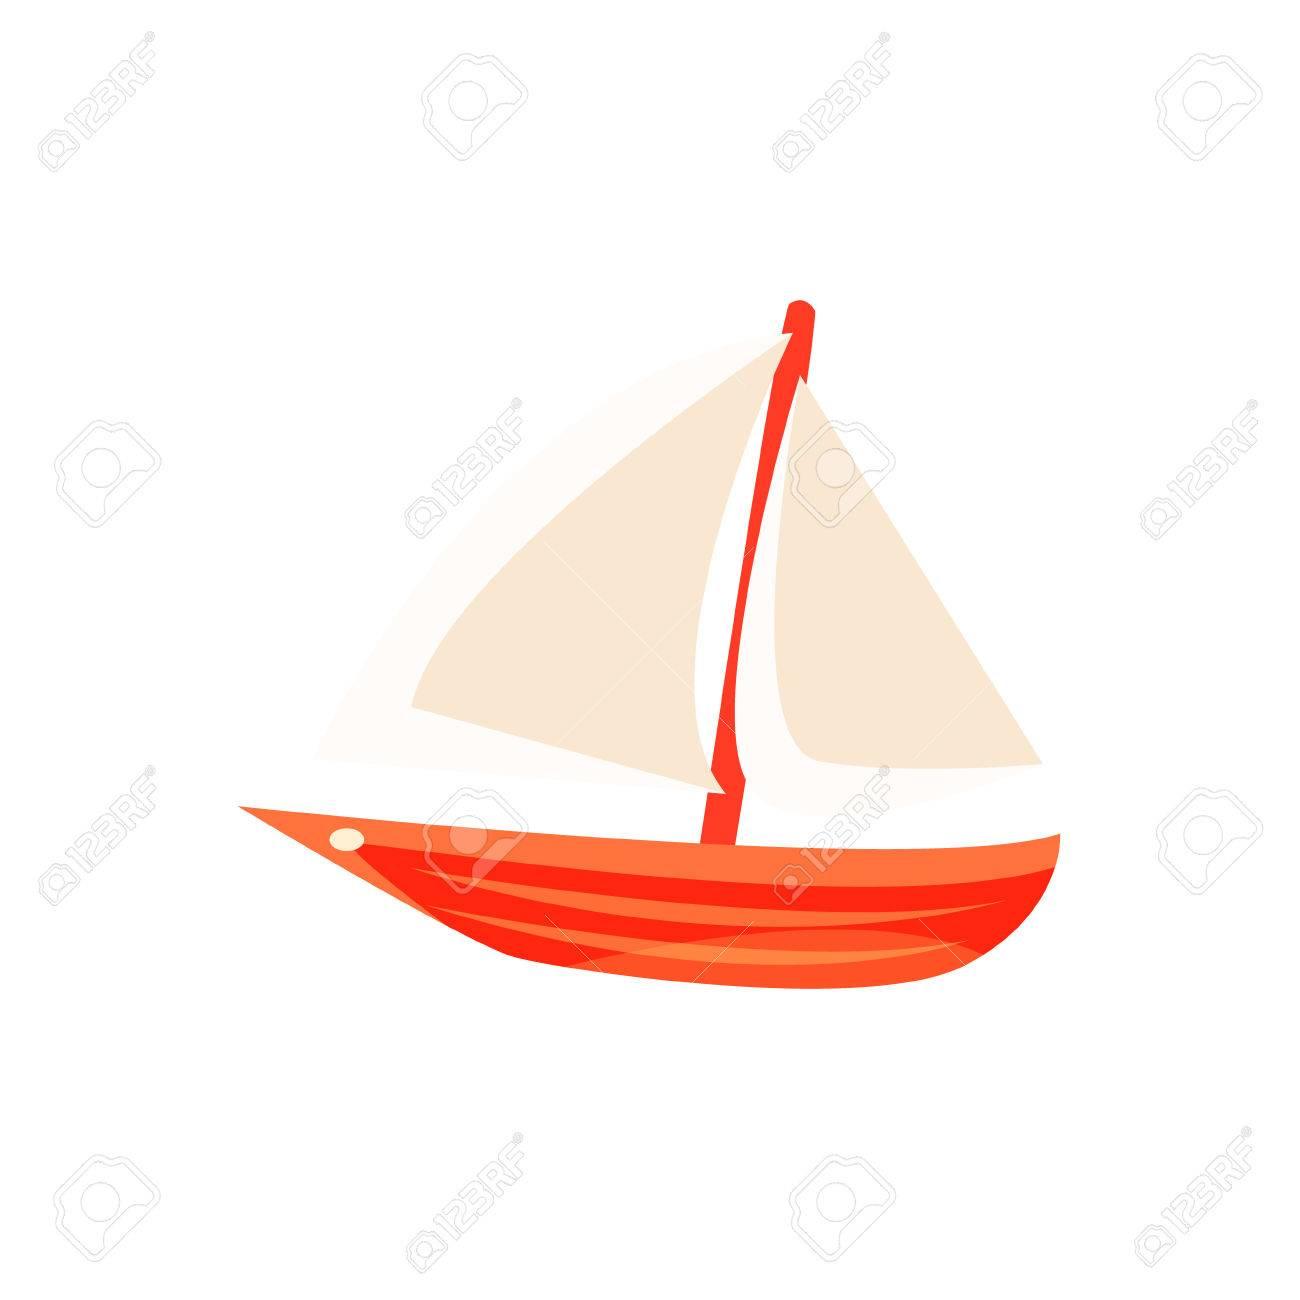 Ziemlich Boot Wrap Vorlagen Ideen - Entry Level Resume Vorlagen ...